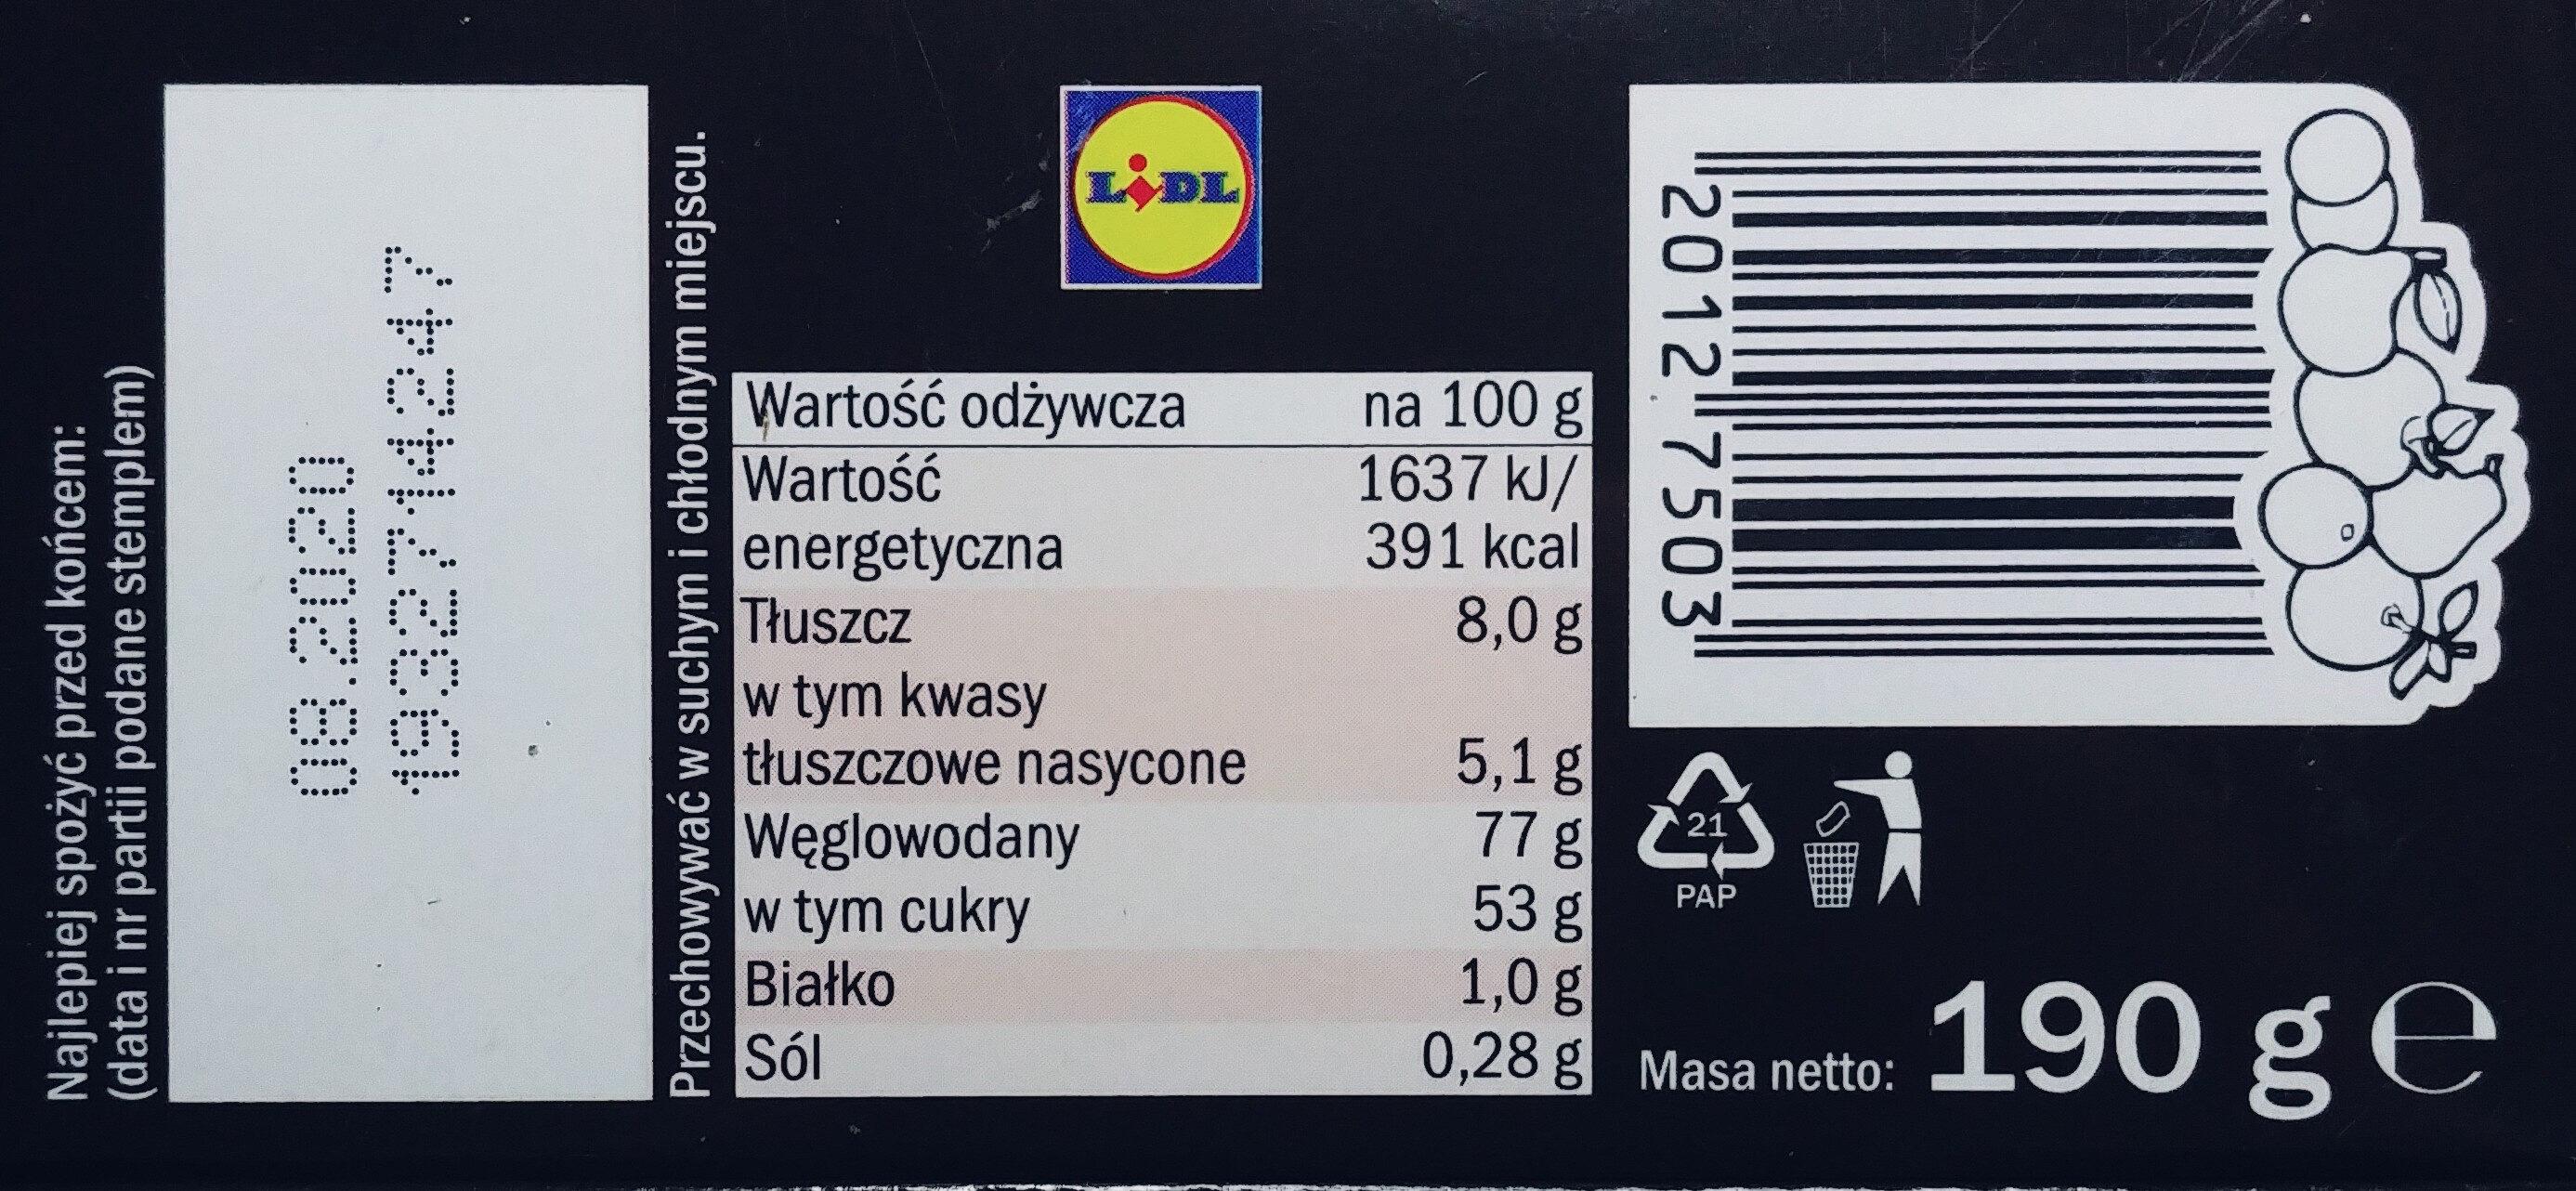 Galaretki o smaku wiśniowym w czekoladzie - Wartości odżywcze - pl